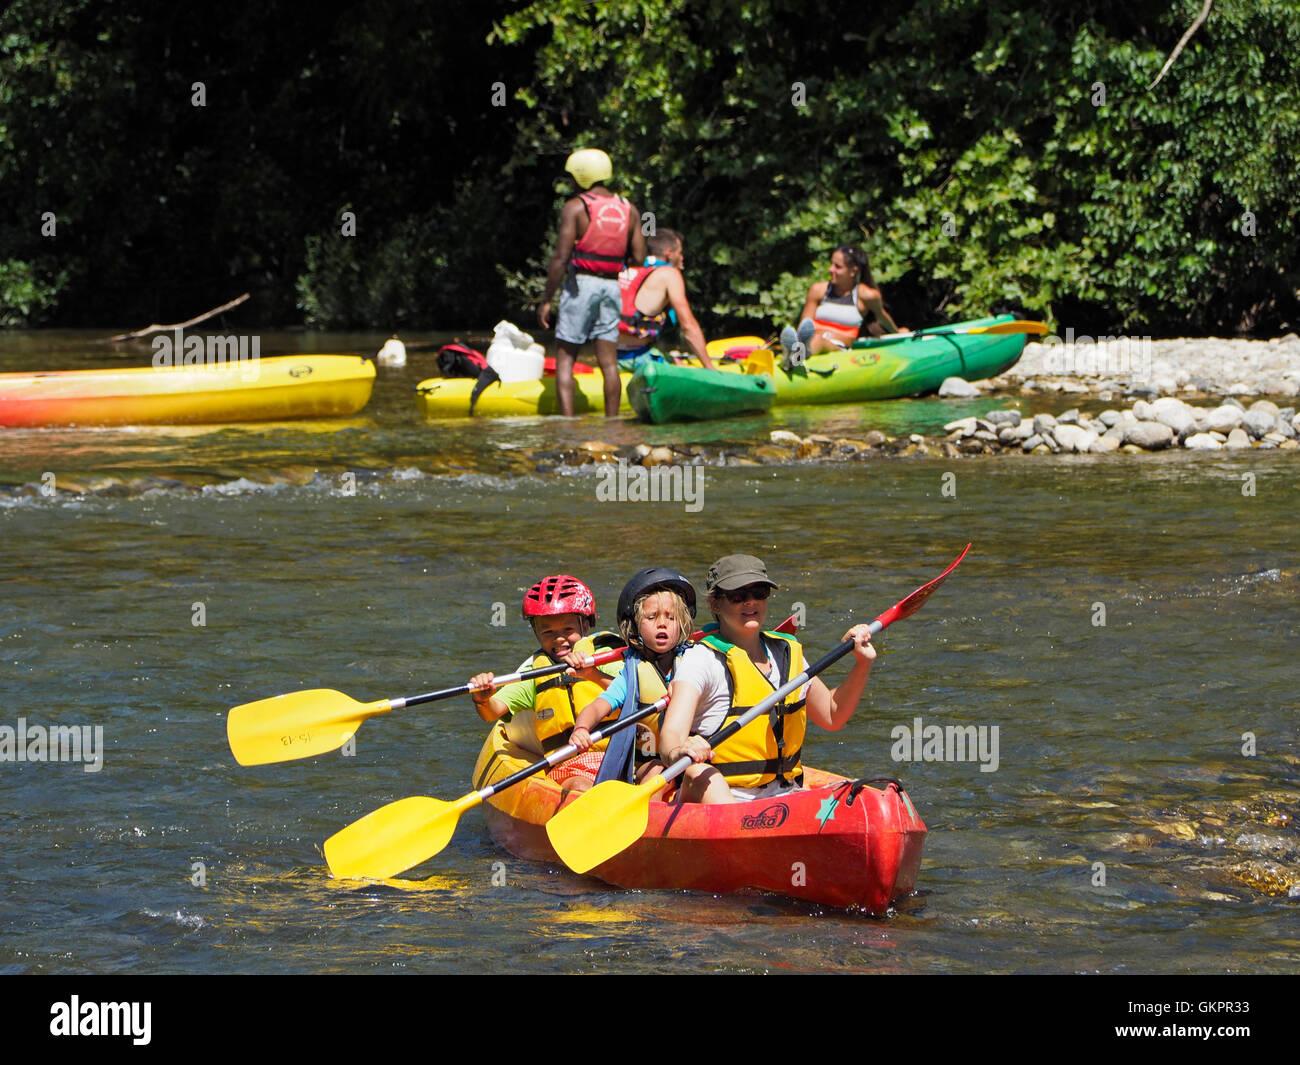 Madre con figli piccoli andando su una canoa avventura sul fiume Herault nella regione di Cevennes, Francia meridionale Immagini Stock